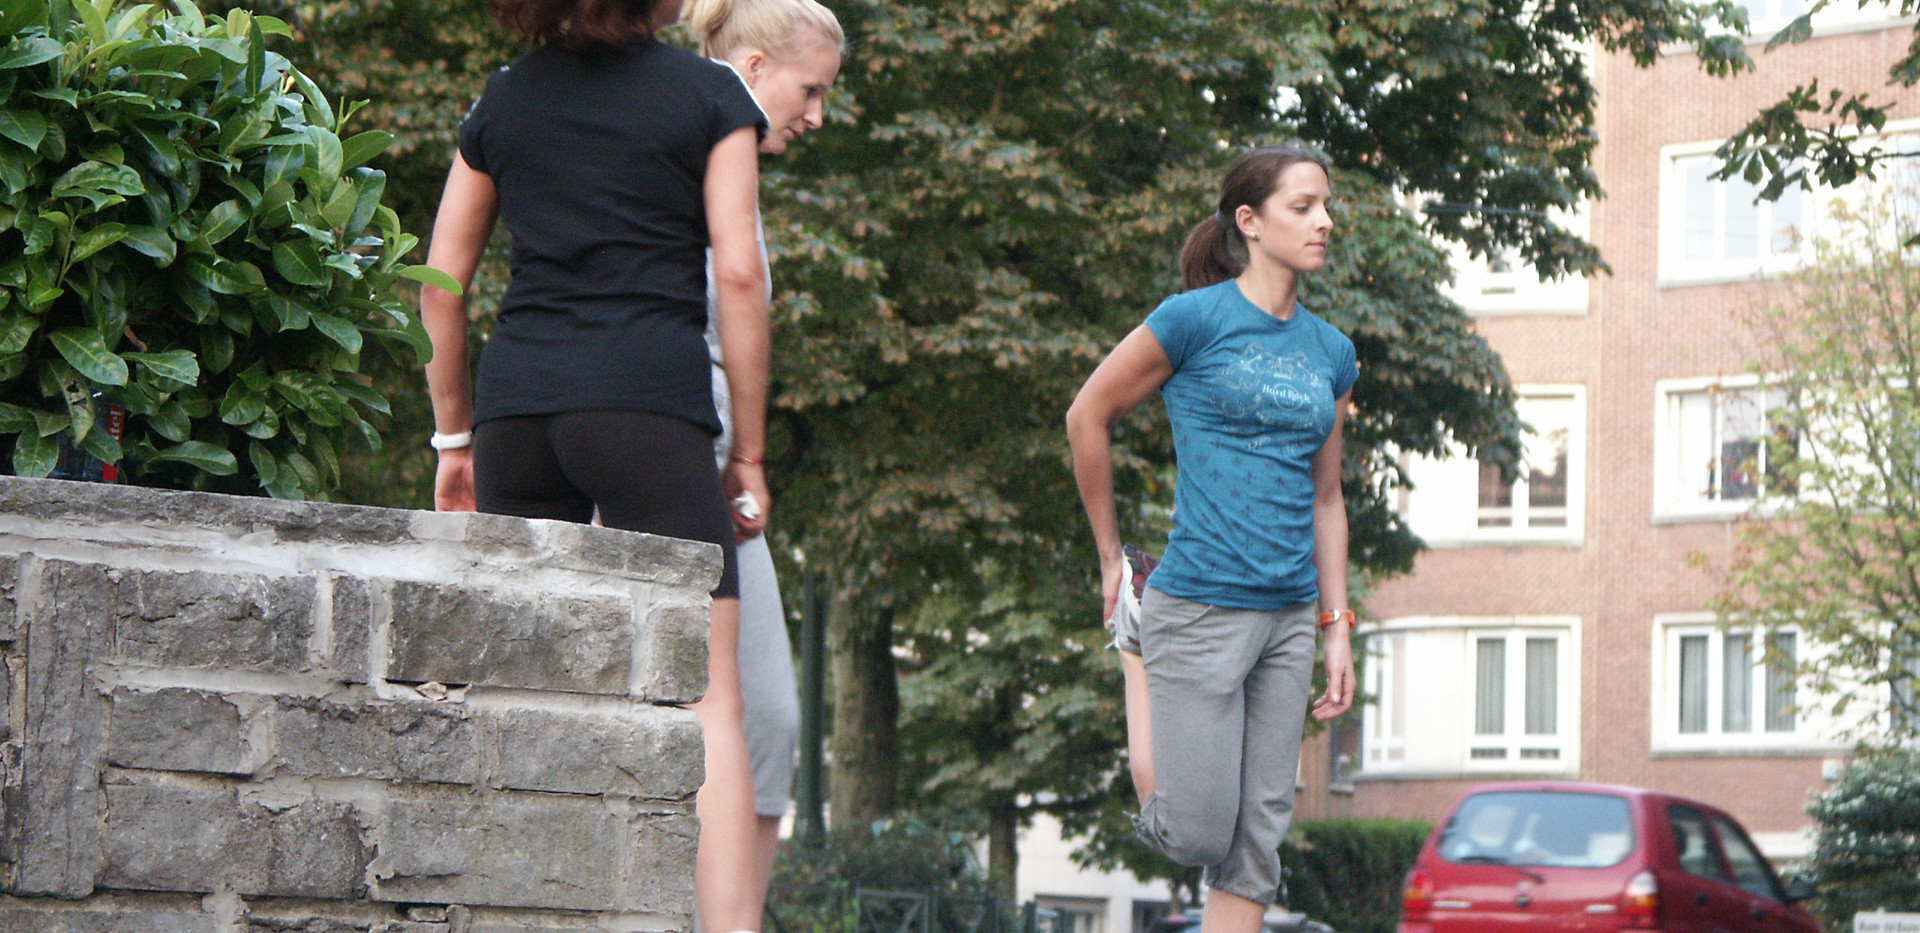 12 09 10 Jogging-19.JPG